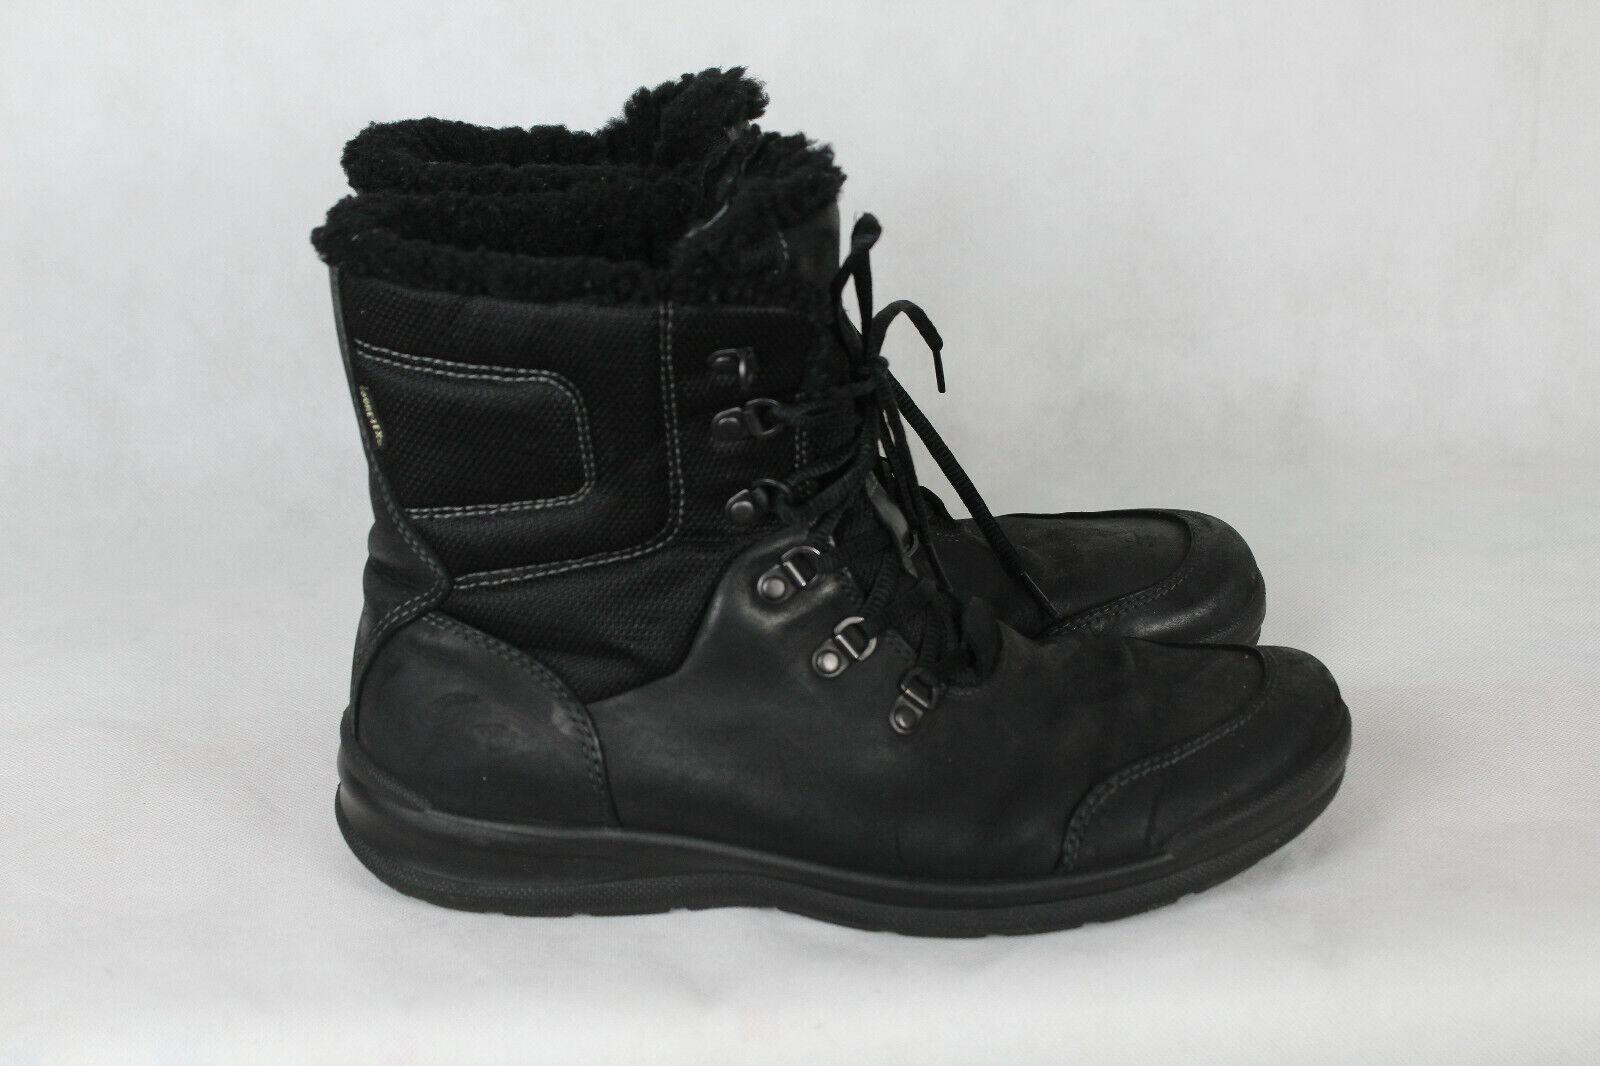 Ecco gore Tex zapatos, botas, forro, caballeros talla 44, buen estado